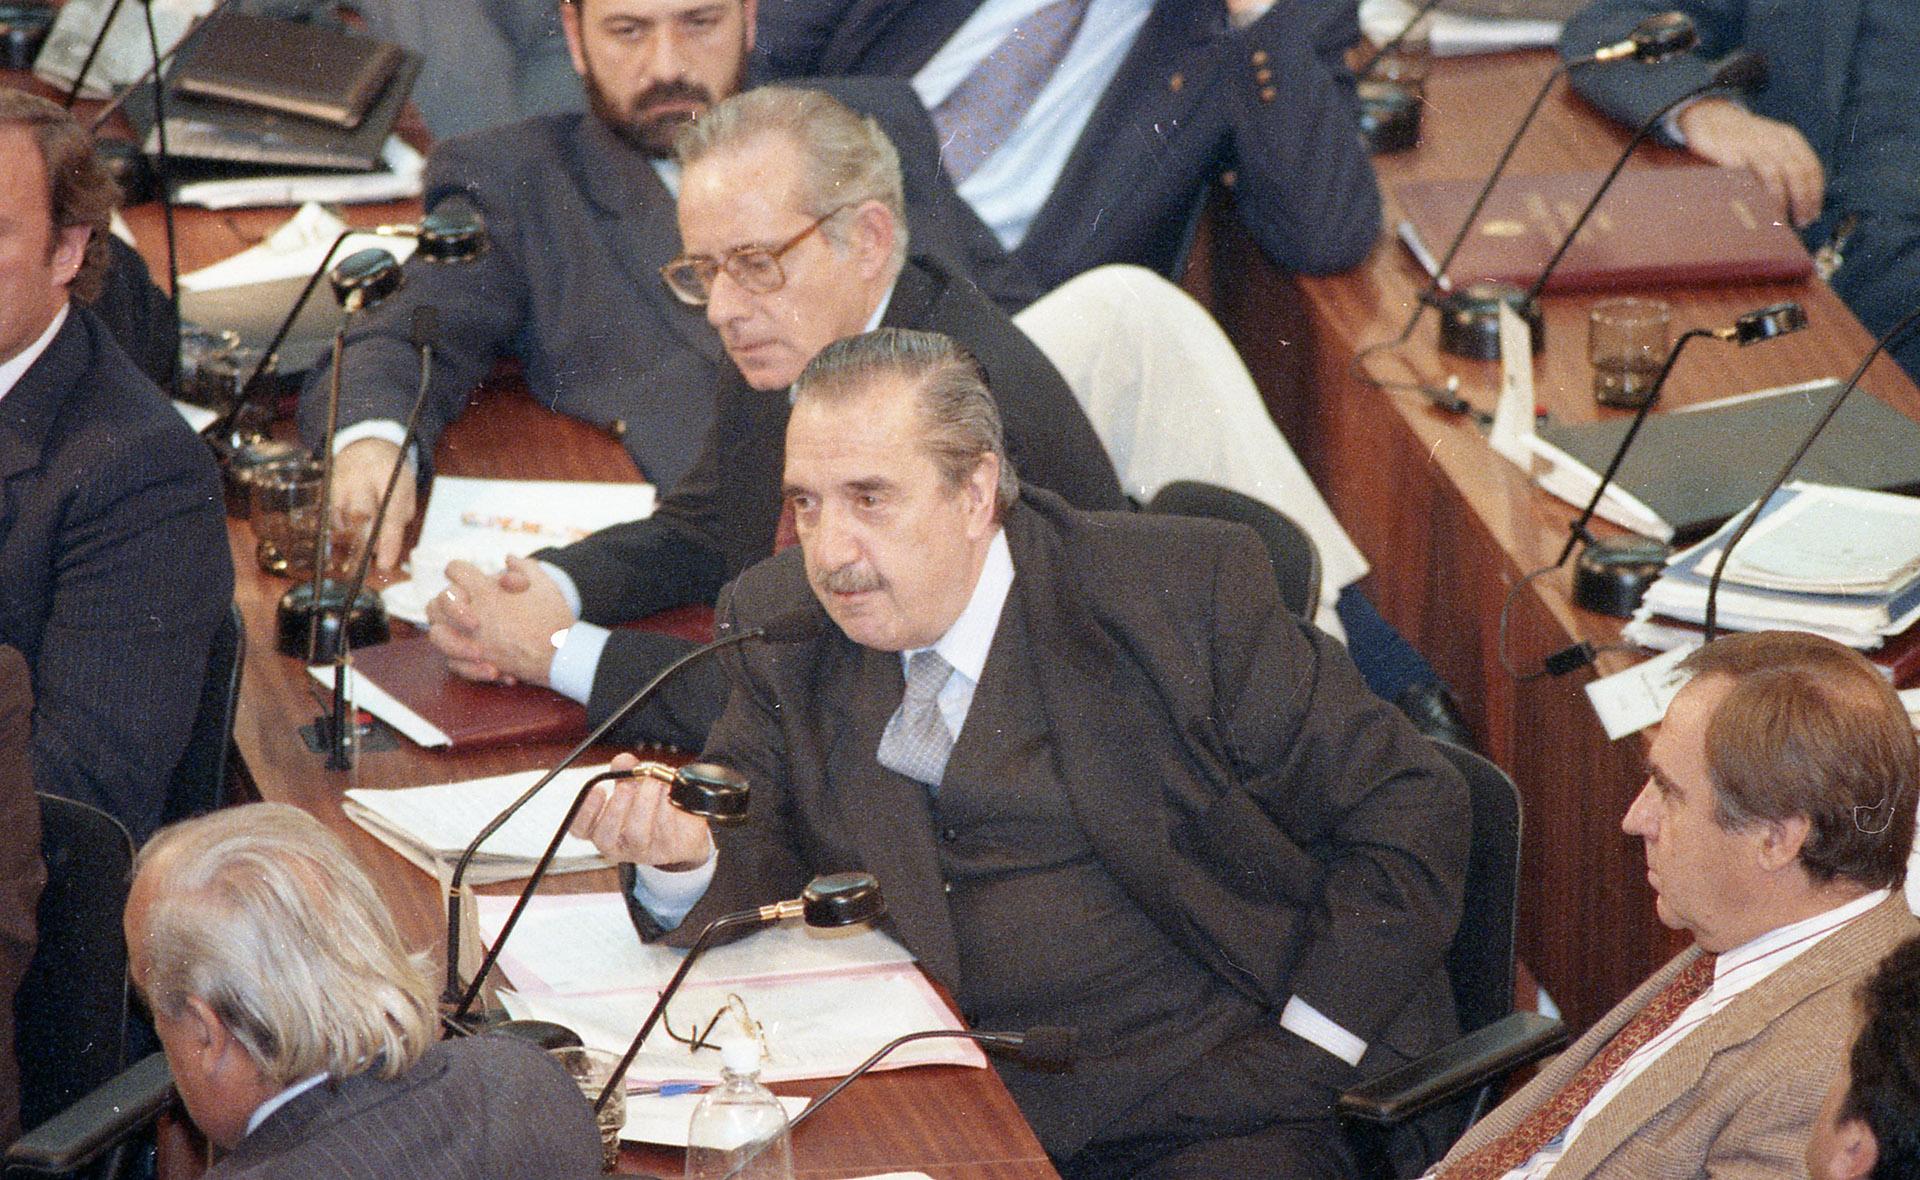 Asamblea constituyente, discurso de los jefes de bloque. Expone Raúl Alfonsín